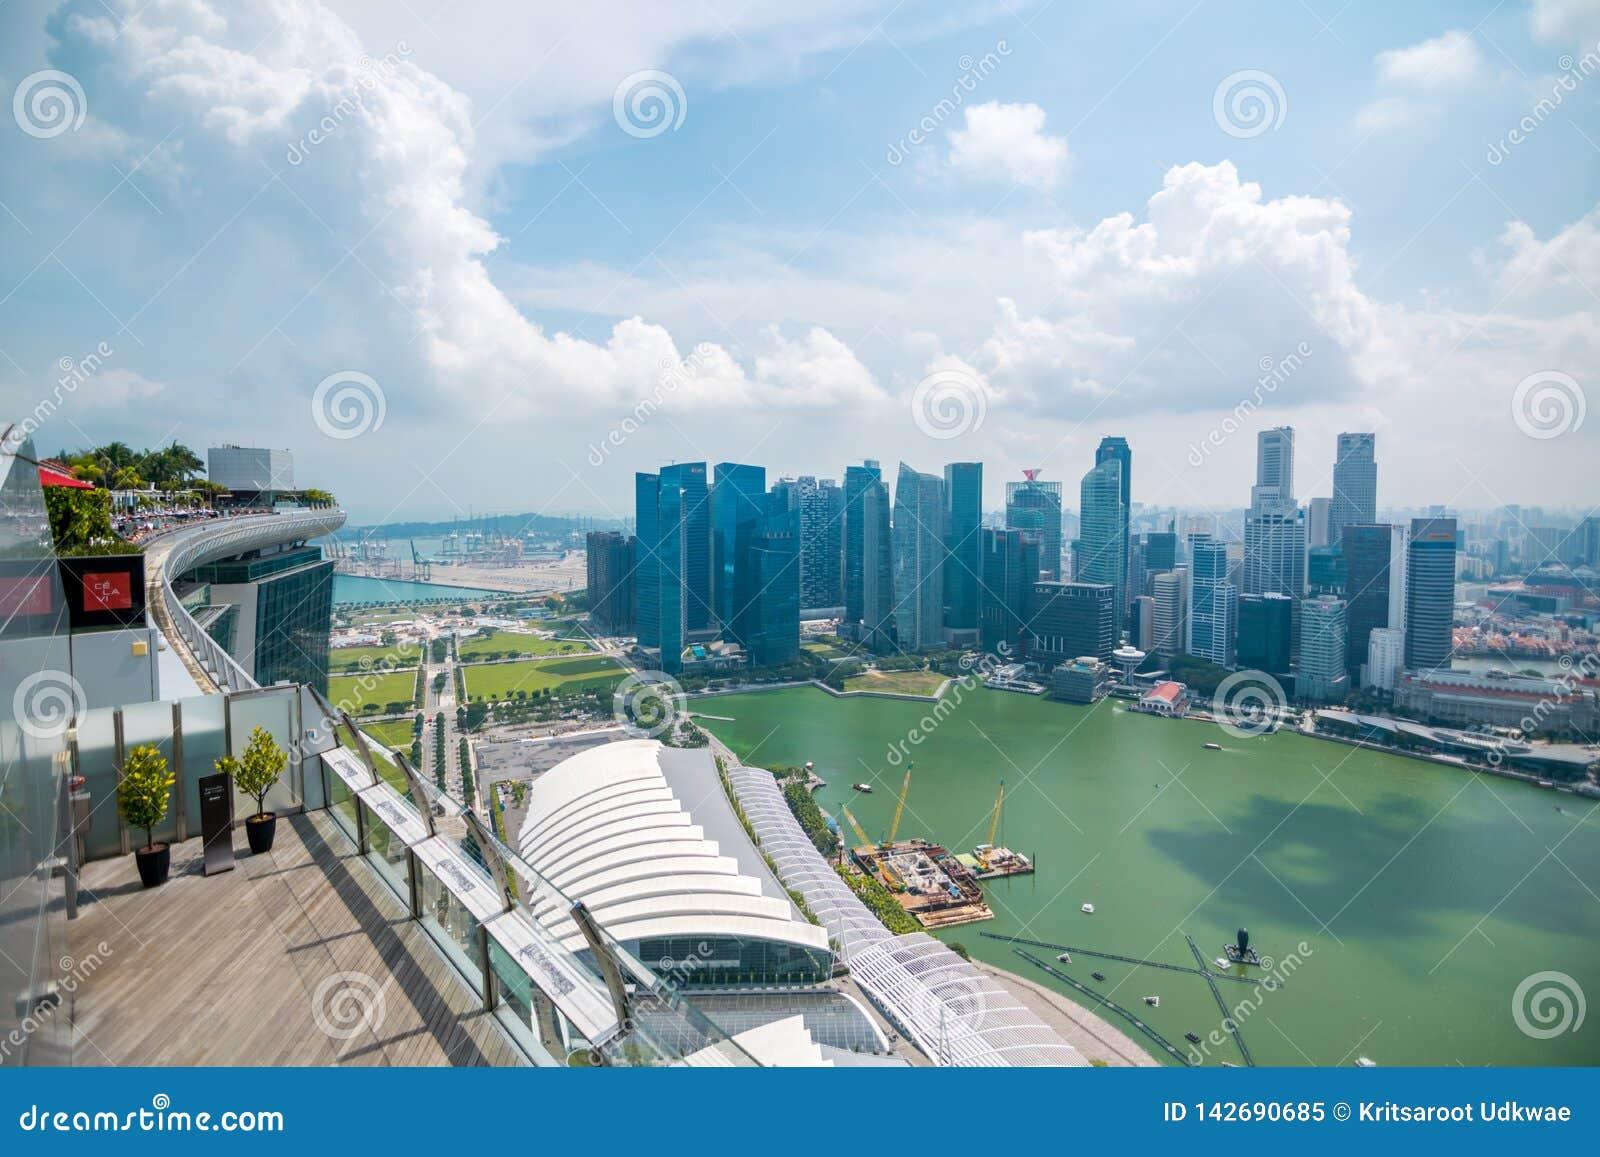 Weergeven van Centrale Bedrijfsdistrictshorizon van de Observatiedek van het Hemelpark in Marina Bay Sands Hotel